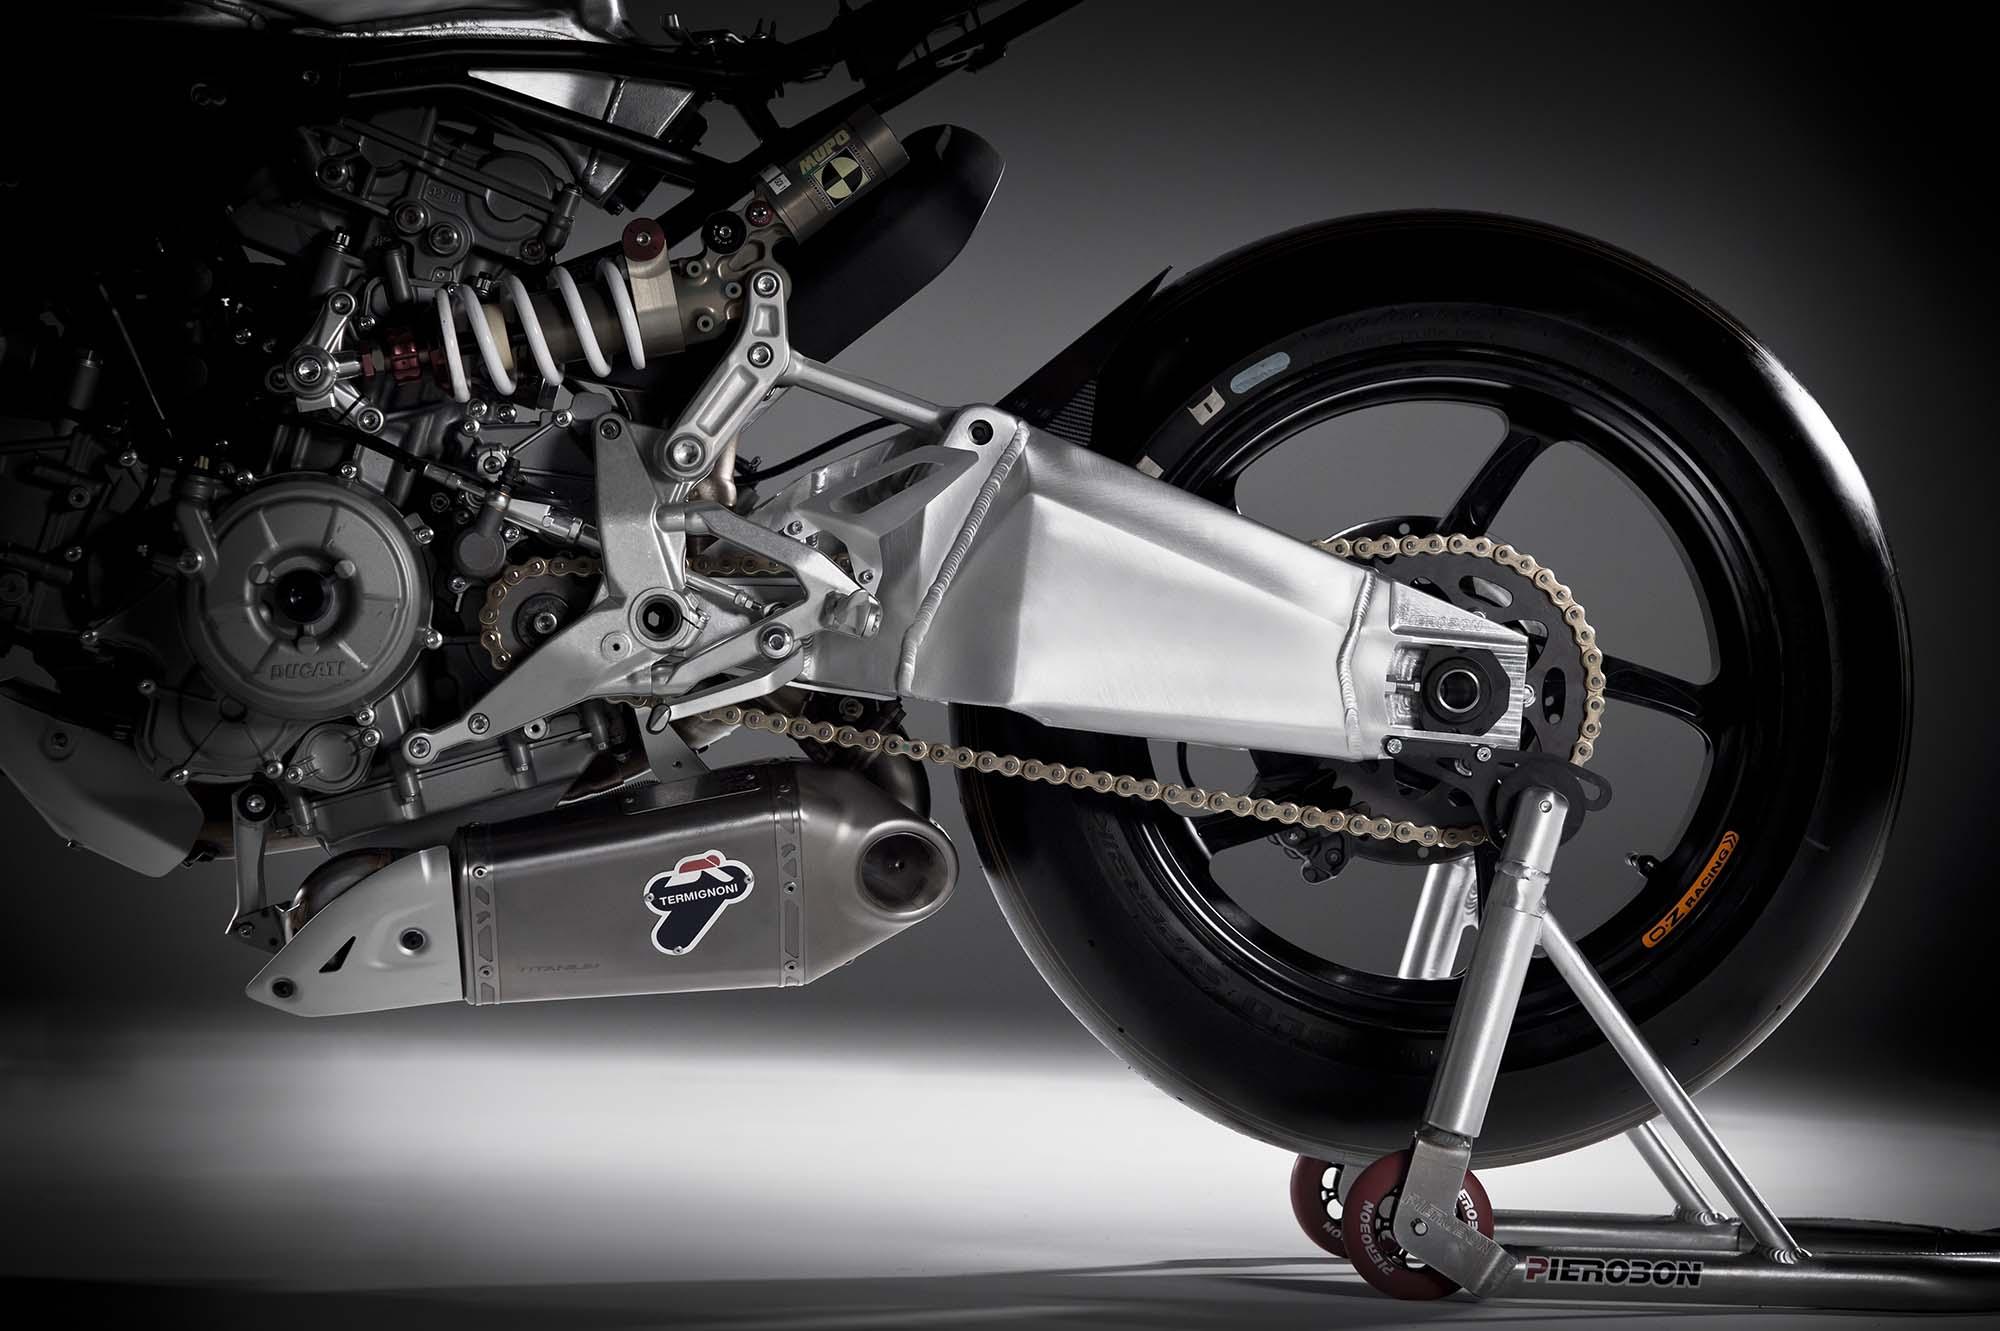 Pierobon-Ducati-899-Panigale-swingarm-12